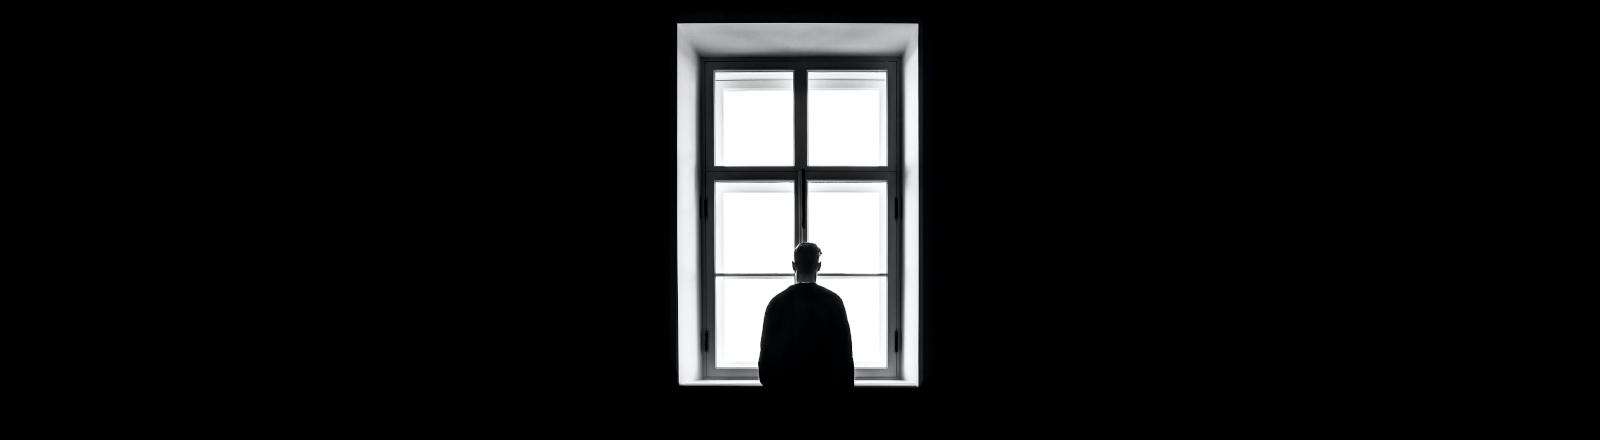 mann steht vor einem Fenster